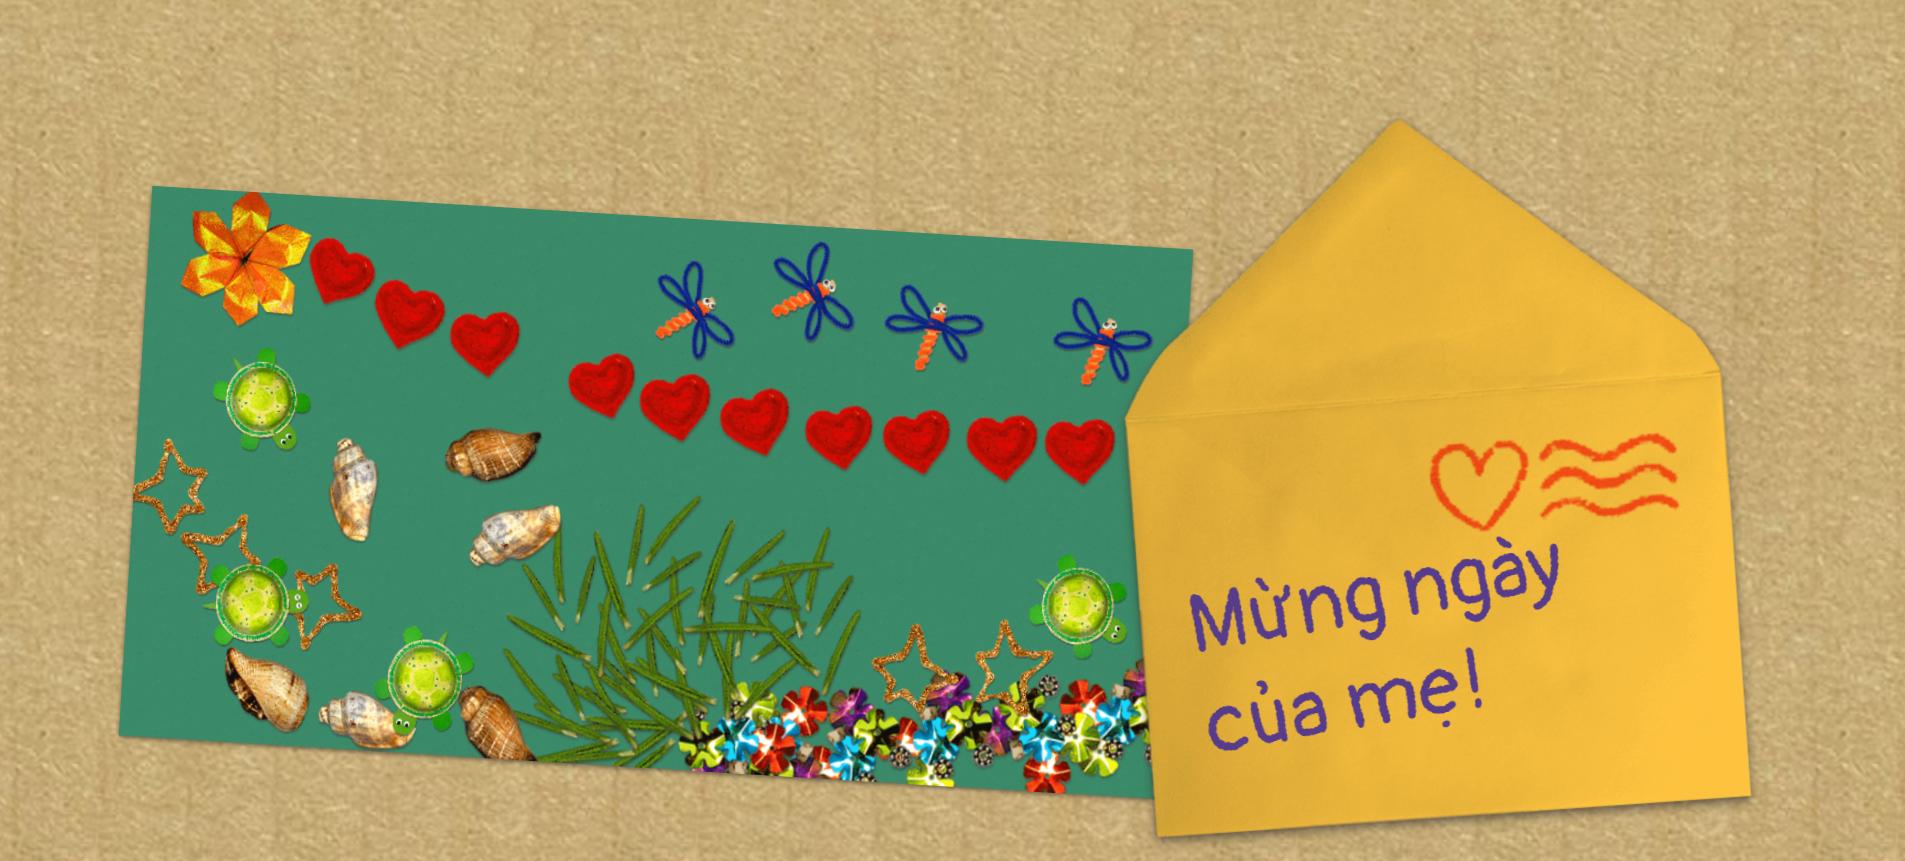 Google ra mắt tính năng giúp người dùng tạo thiệp mừng Ngày của mẹ - Ảnh 4.